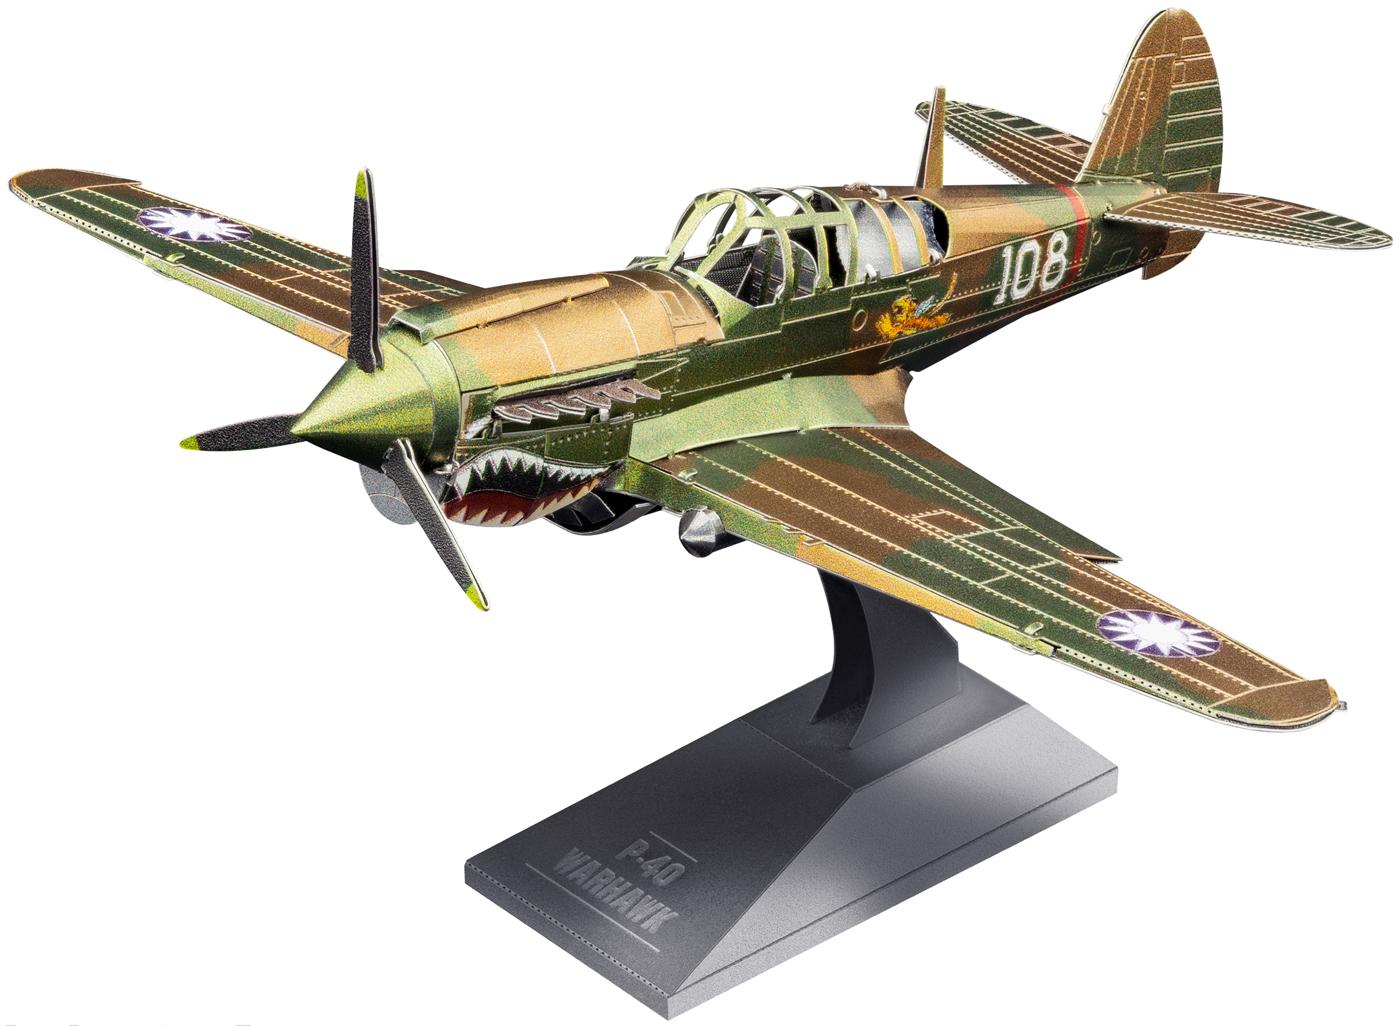 P-40 Warhawk Planes Metal Puzzles